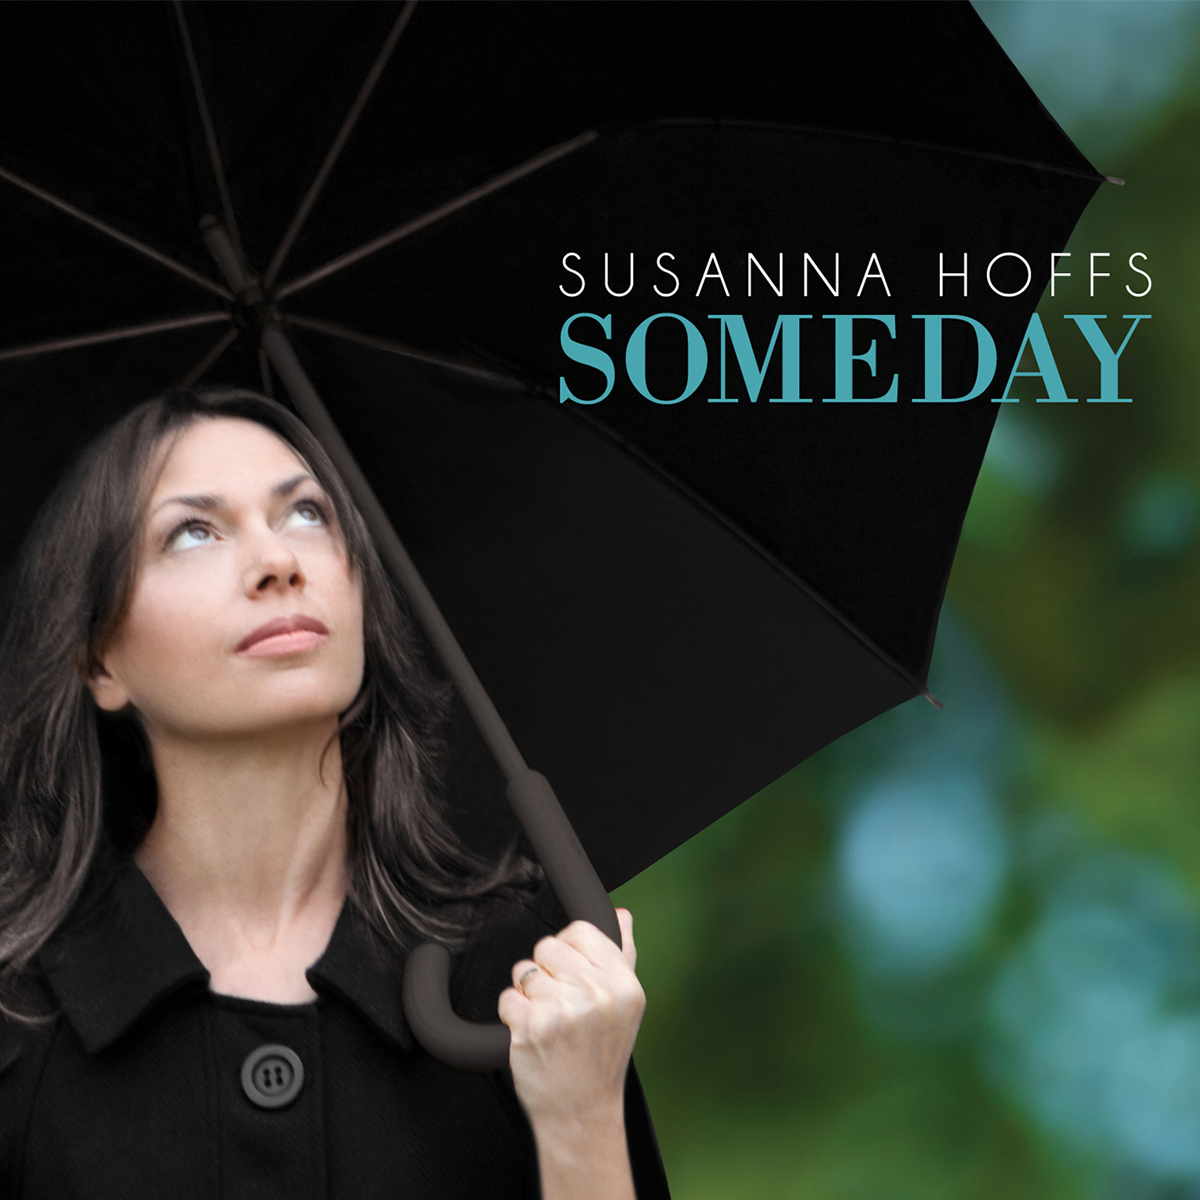 Susanna Hoffs - Someday MP3 Download